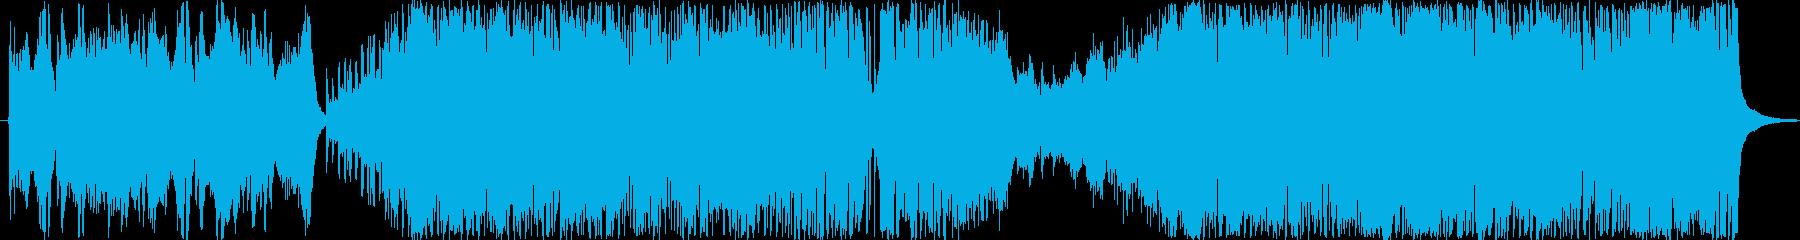 オーケストラやファンファーレ系の壮大OPの再生済みの波形